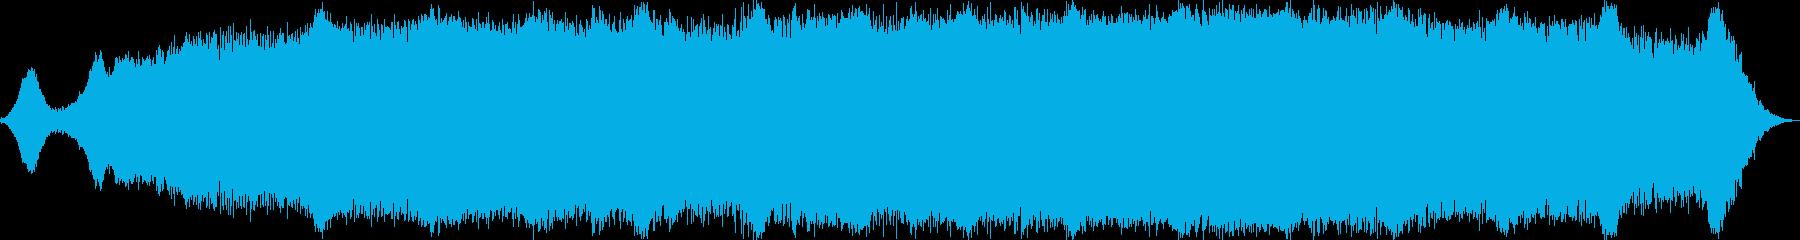 ダンス 技術的な 繰り返しの ハイ...の再生済みの波形